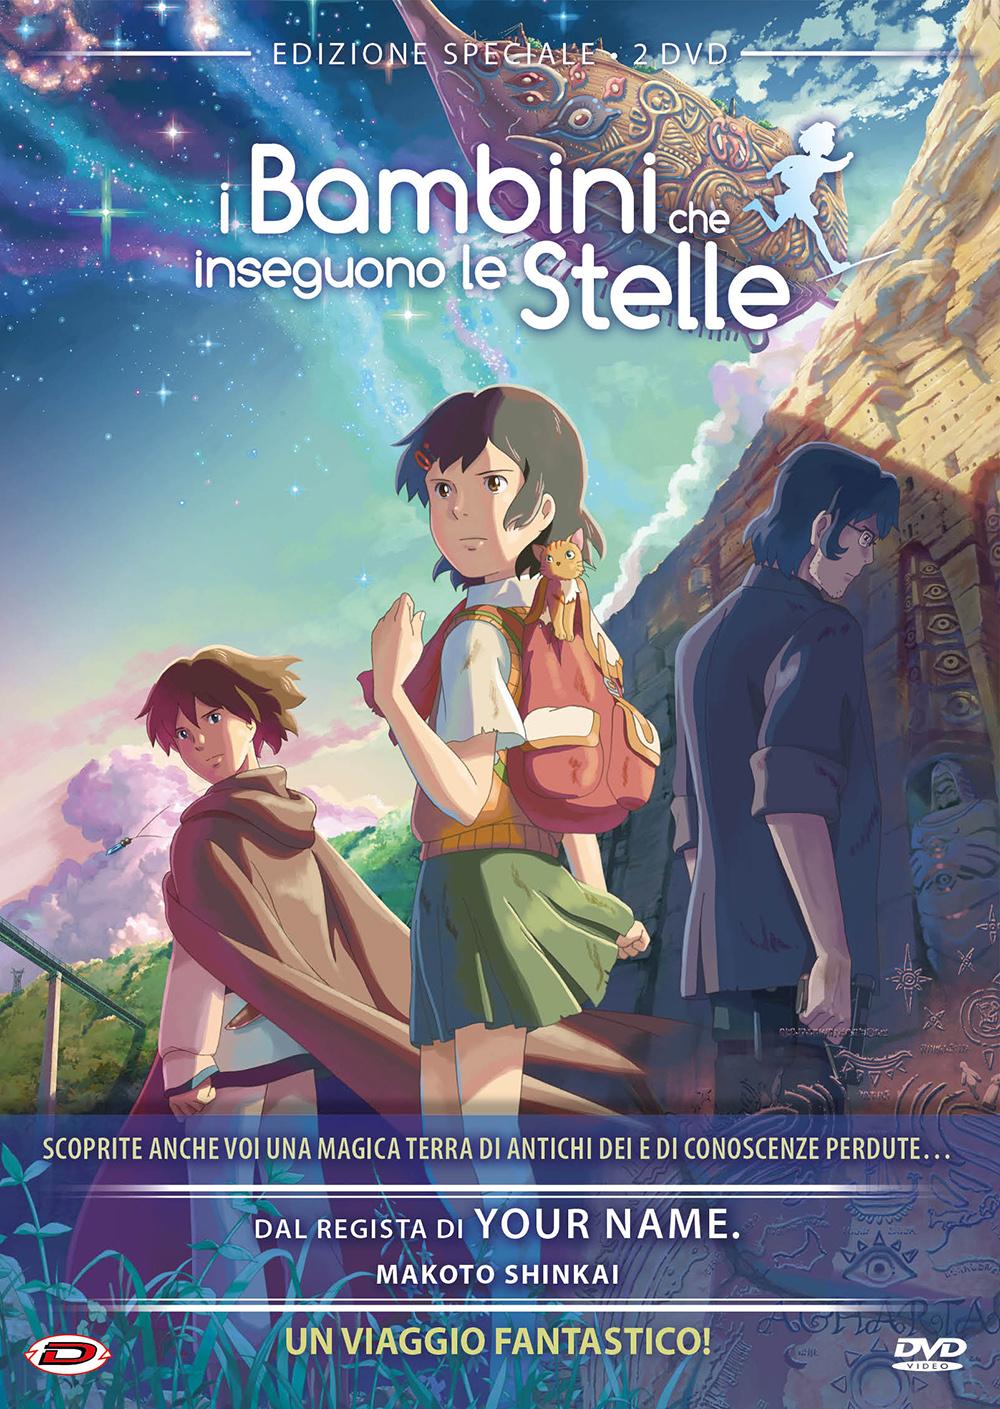 COF.I BAMBINI CHE INSEGUONO LE STELLE (SPECIAL EDITION) (2 DVD)